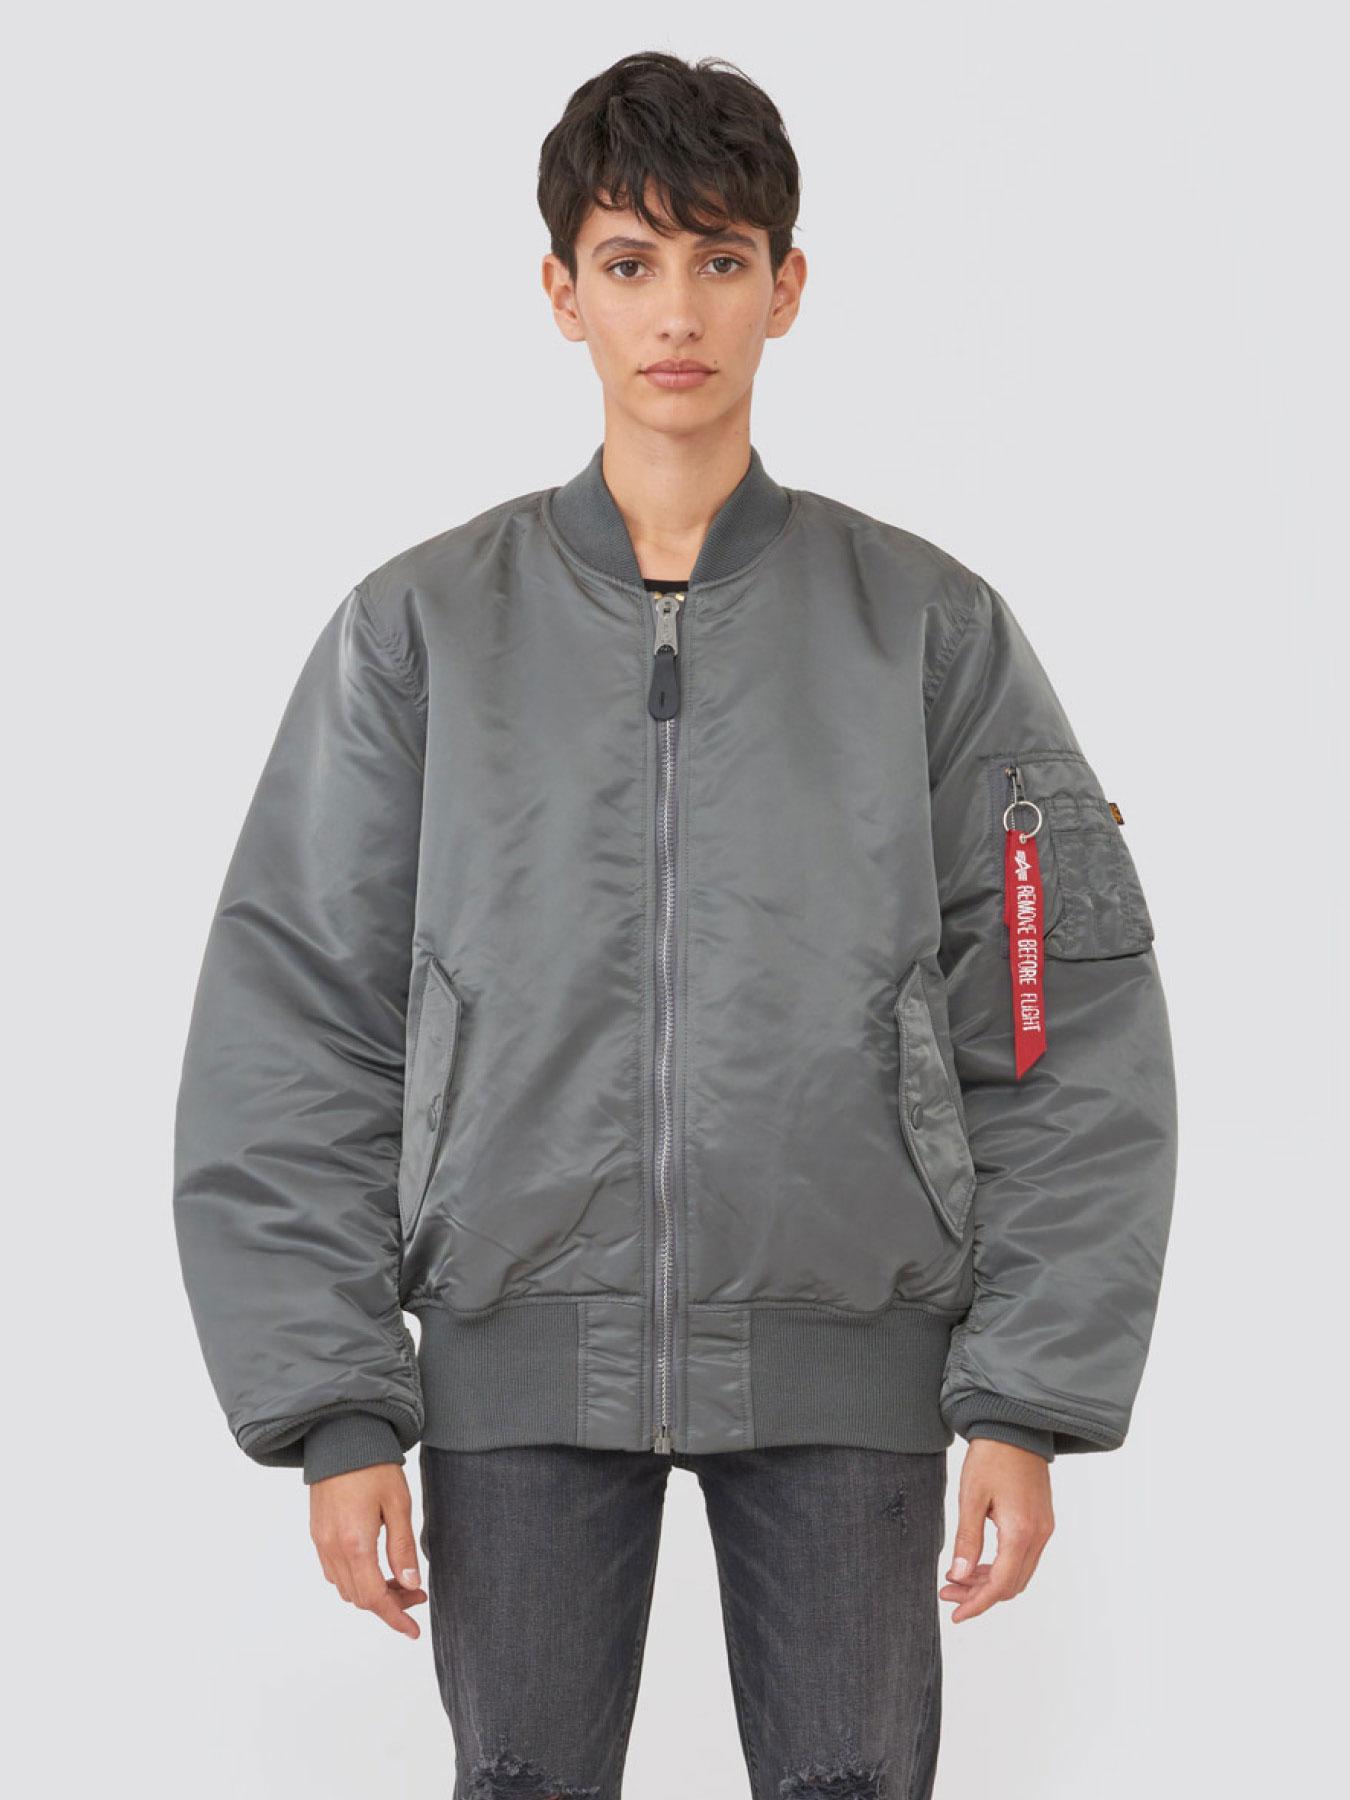 Куртка мужские Alpha Industries модель MJM21000C1_gun_metal купить, 2017